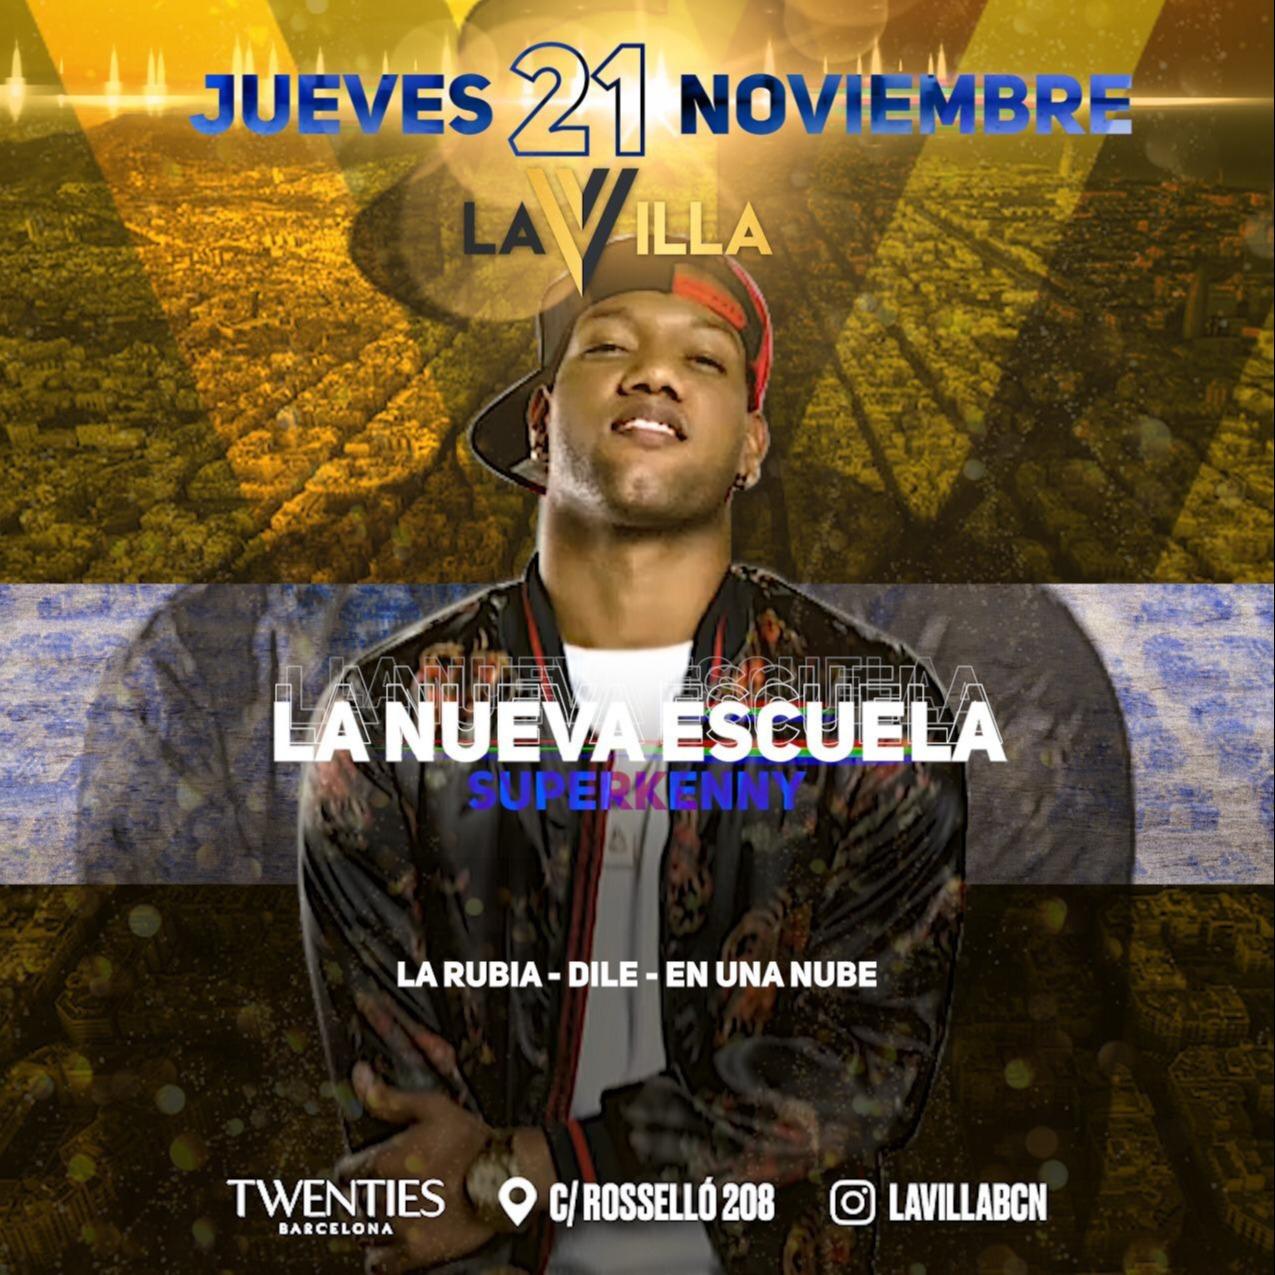 Thursday - La Villa La Nueva Escuela - Twenties - Club Twenties Barcelona